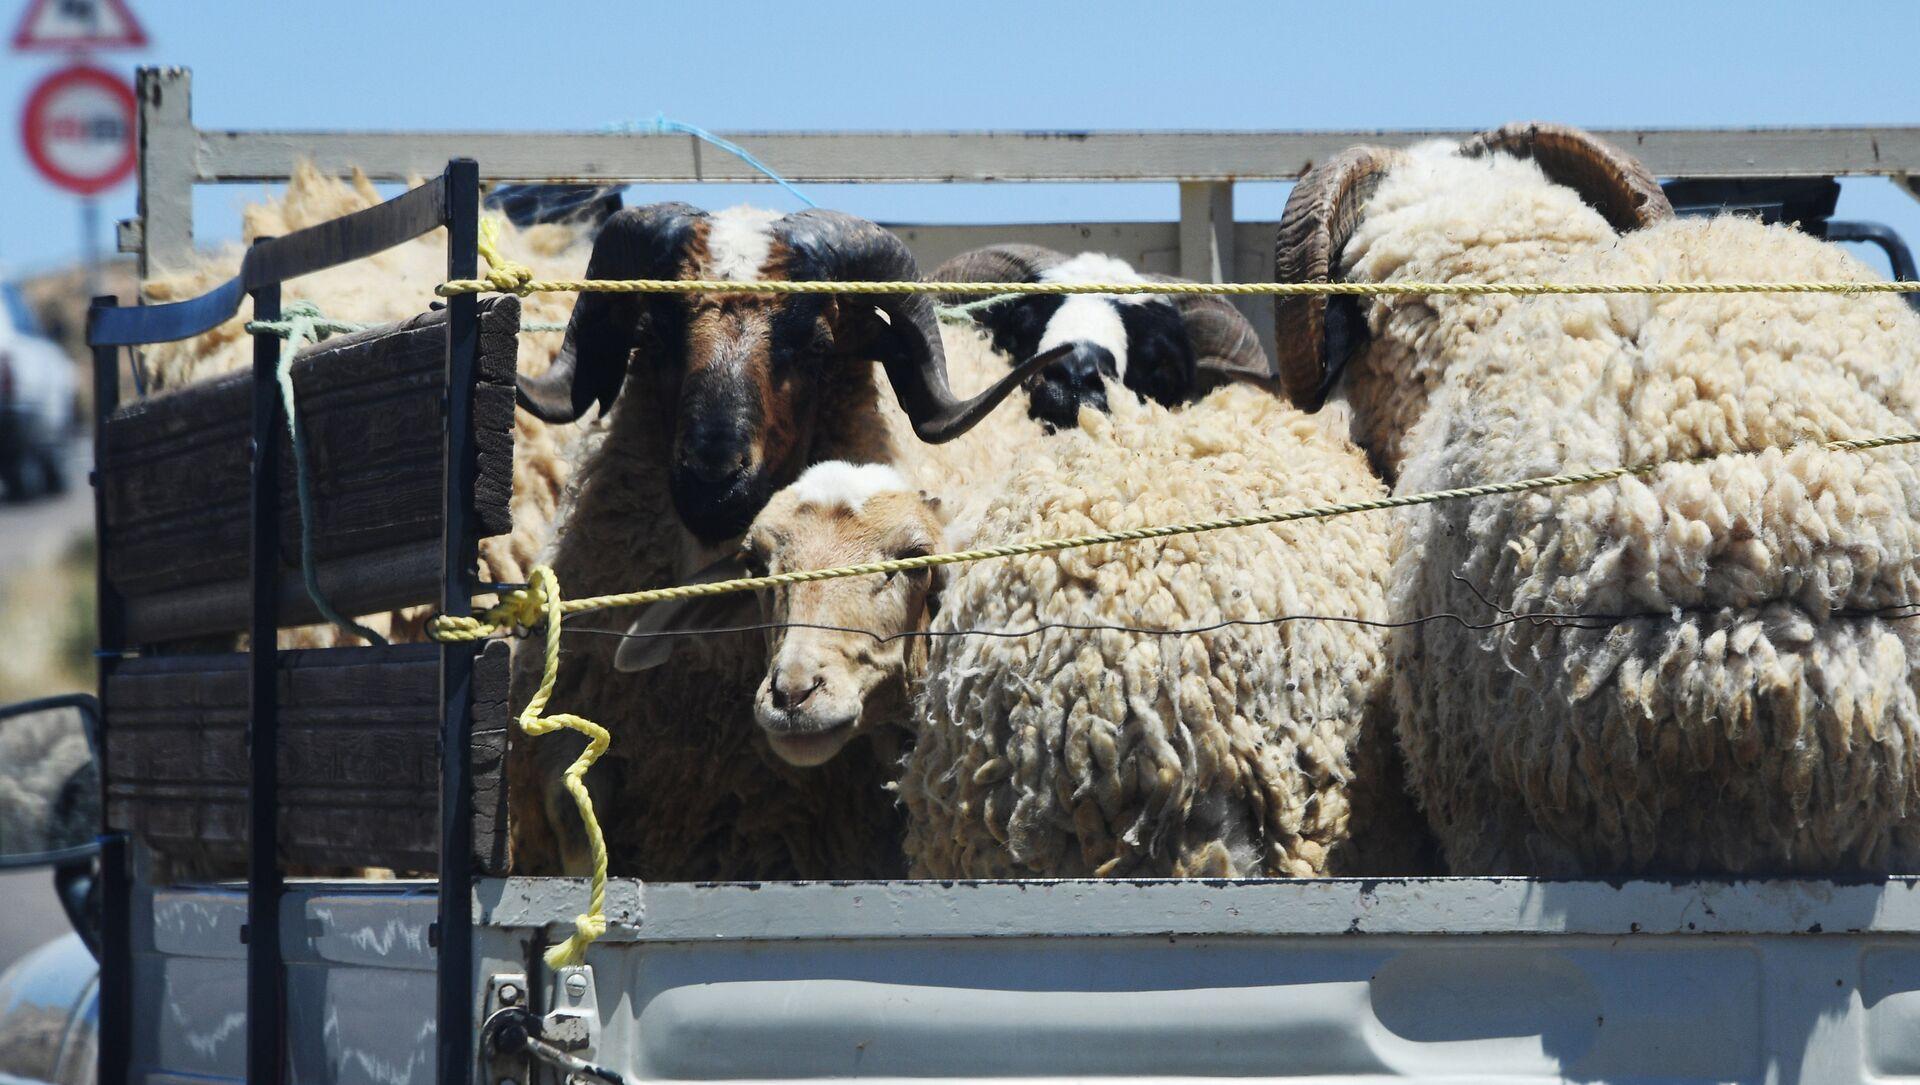 Бараны и овцы в кузове грузовика - Sputnik Արմենիա, 1920, 09.09.2021